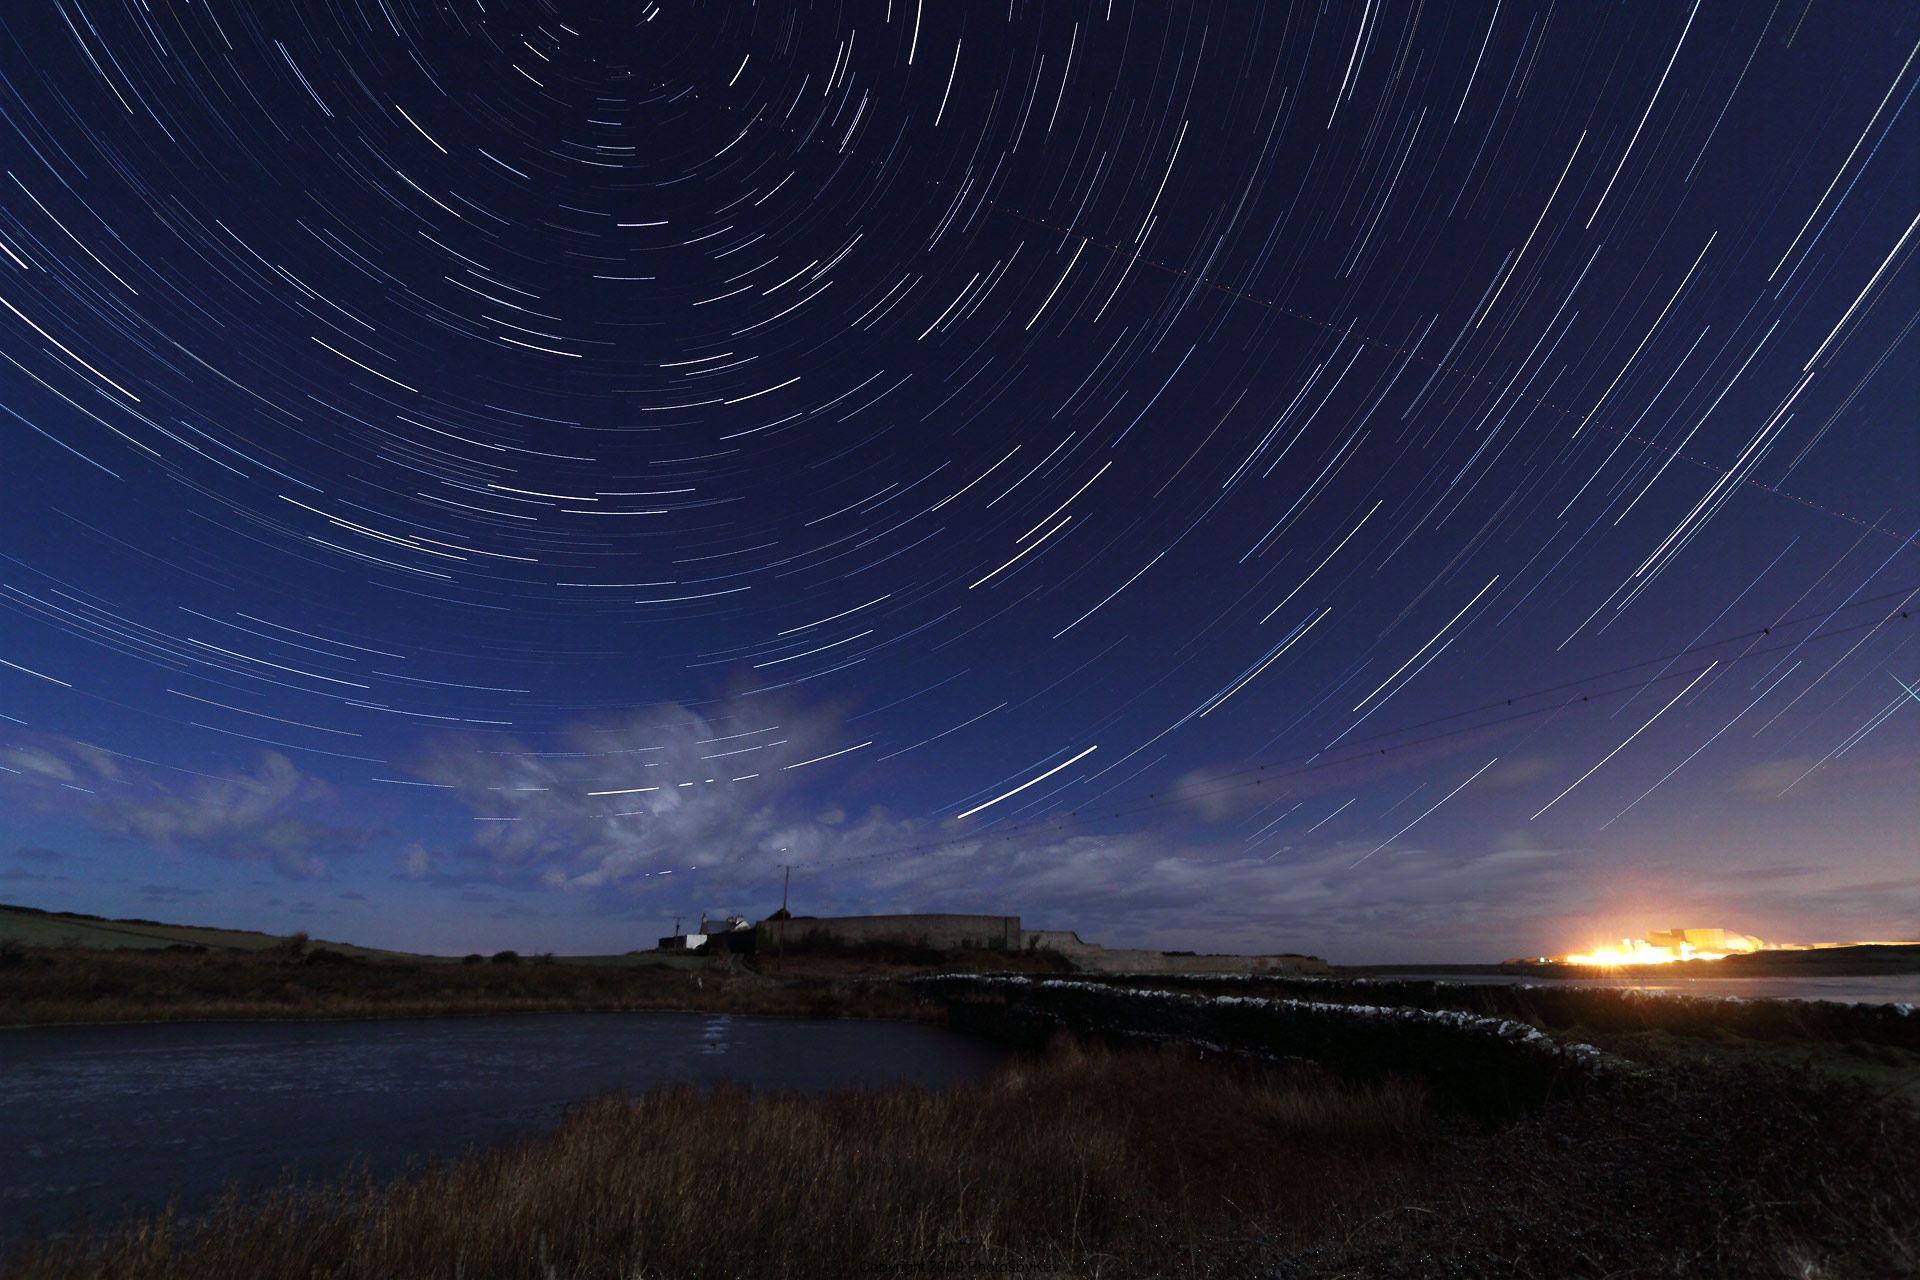 Lapso temporal de las estrellas en el cielo